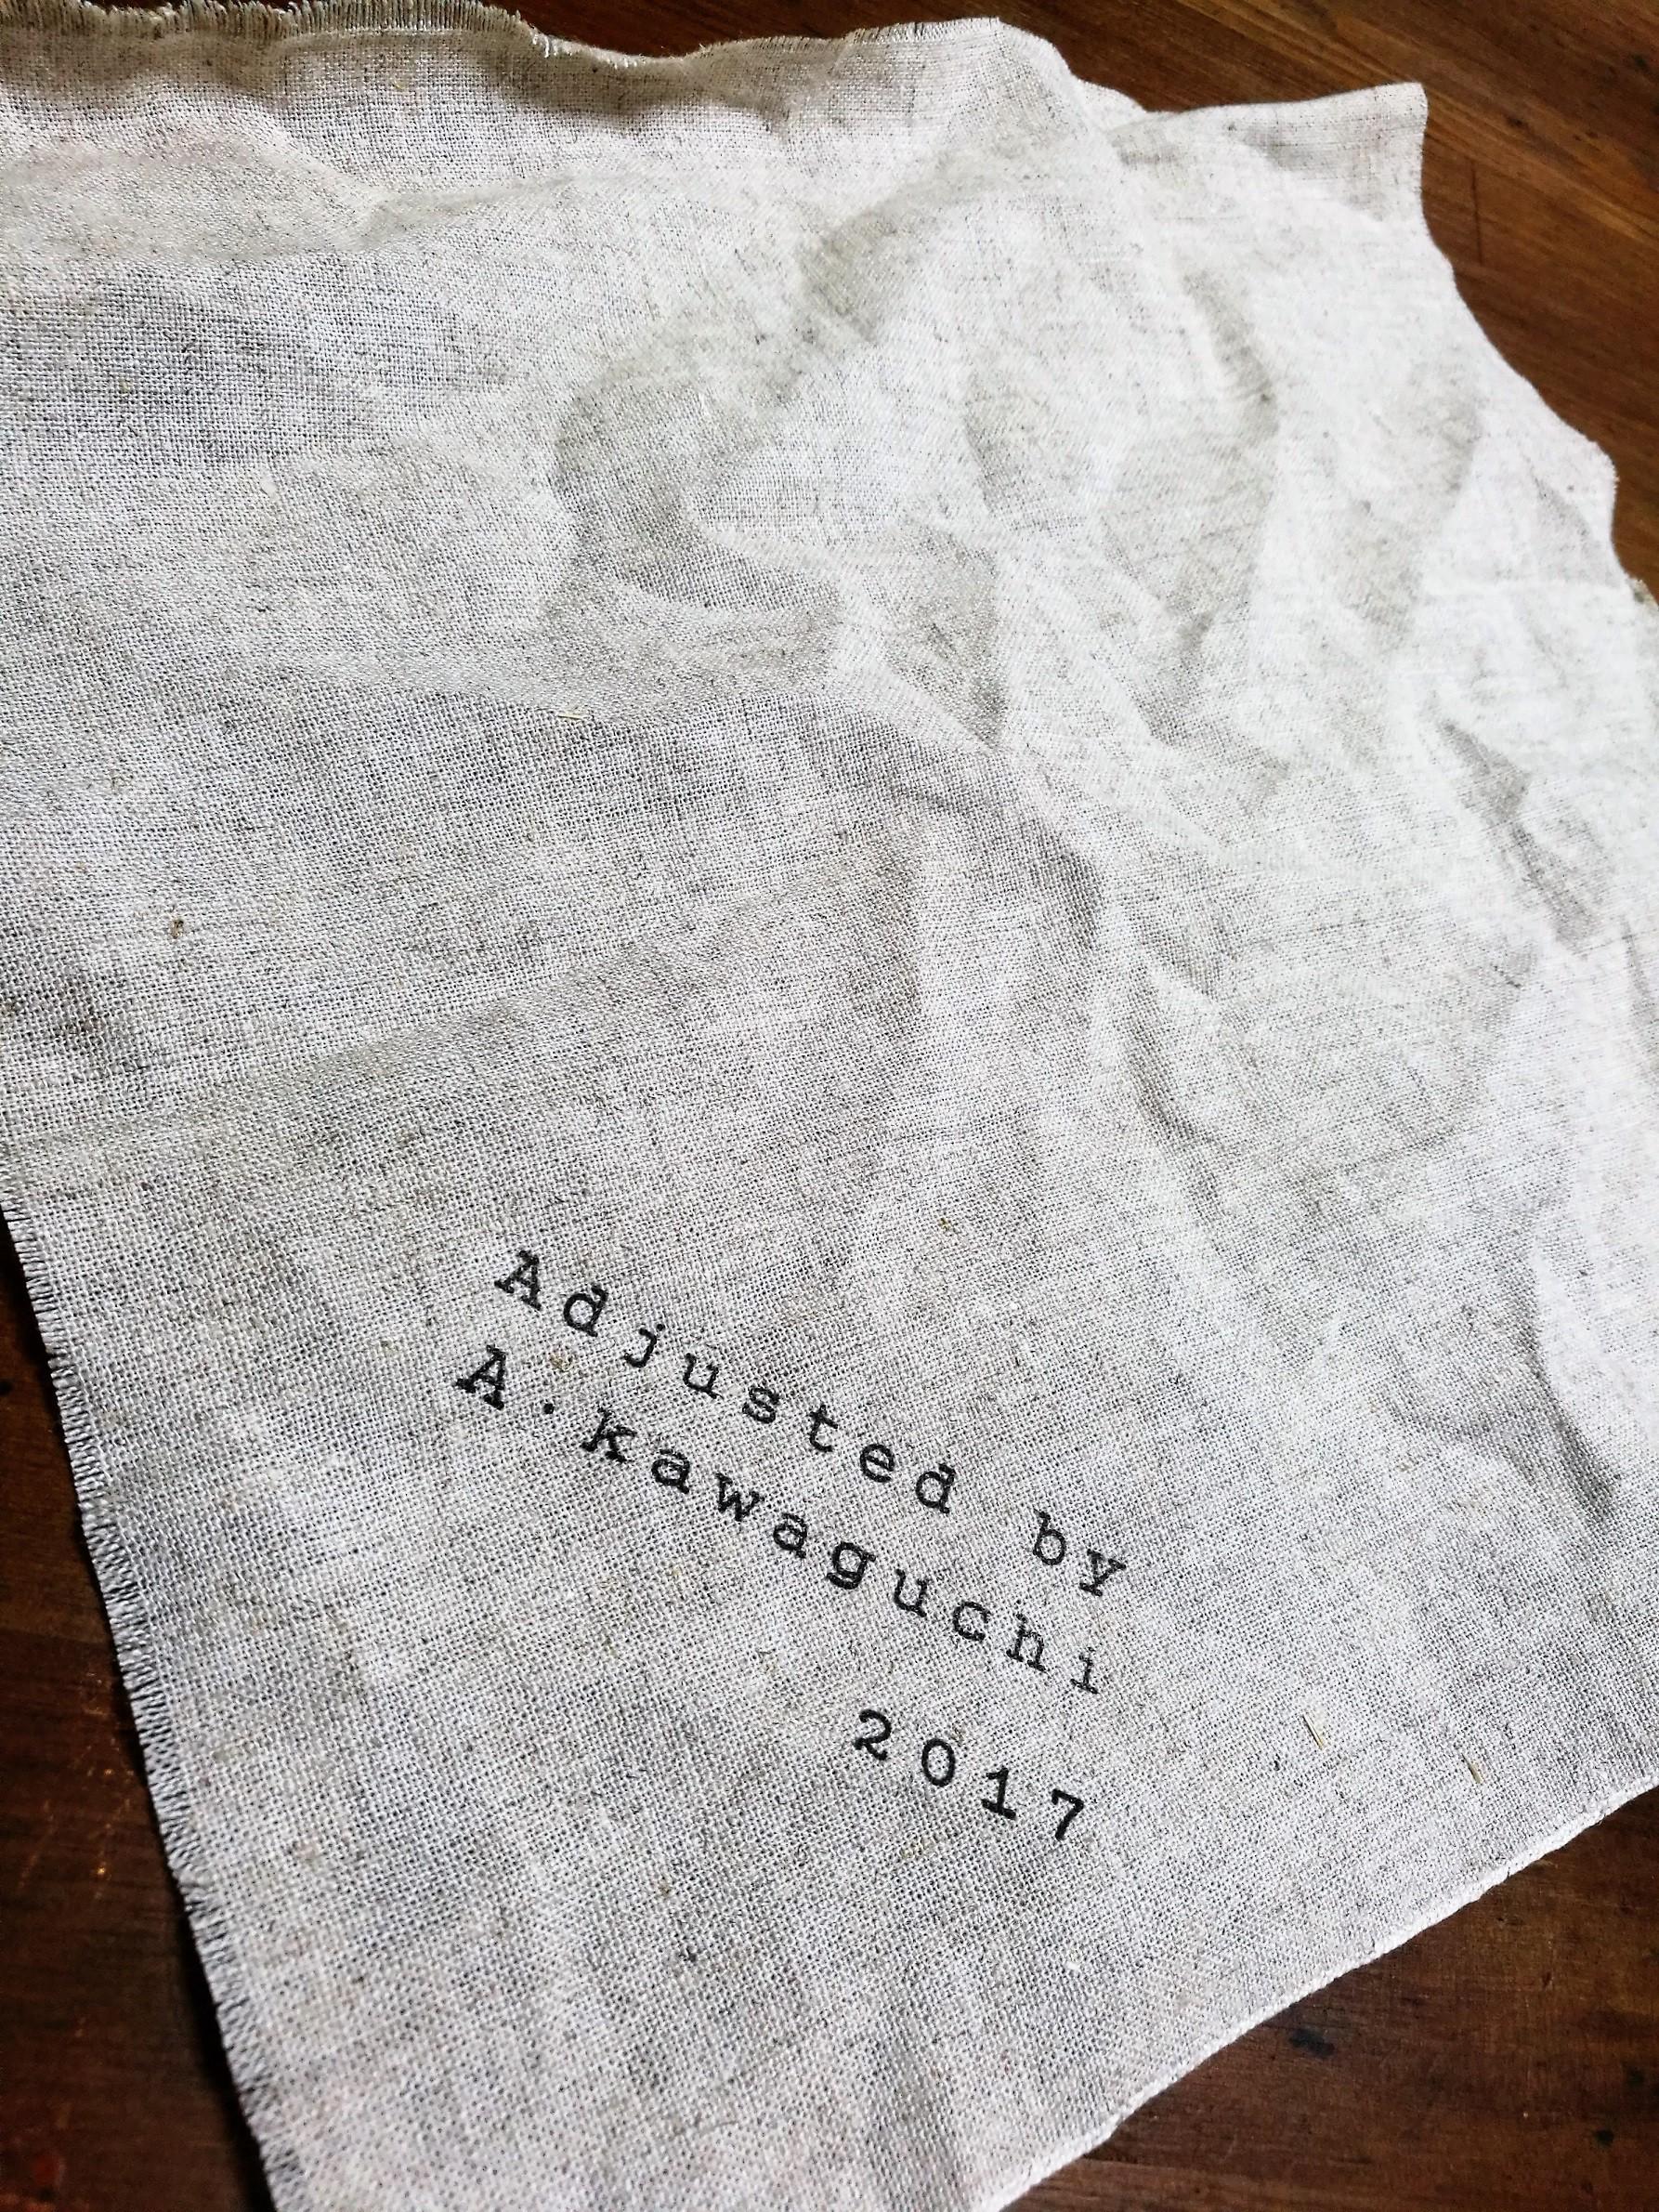 先着30枚限定!「川口明弘の調整万年筆 オリジナル万年筆包み布」をプレゼント!!